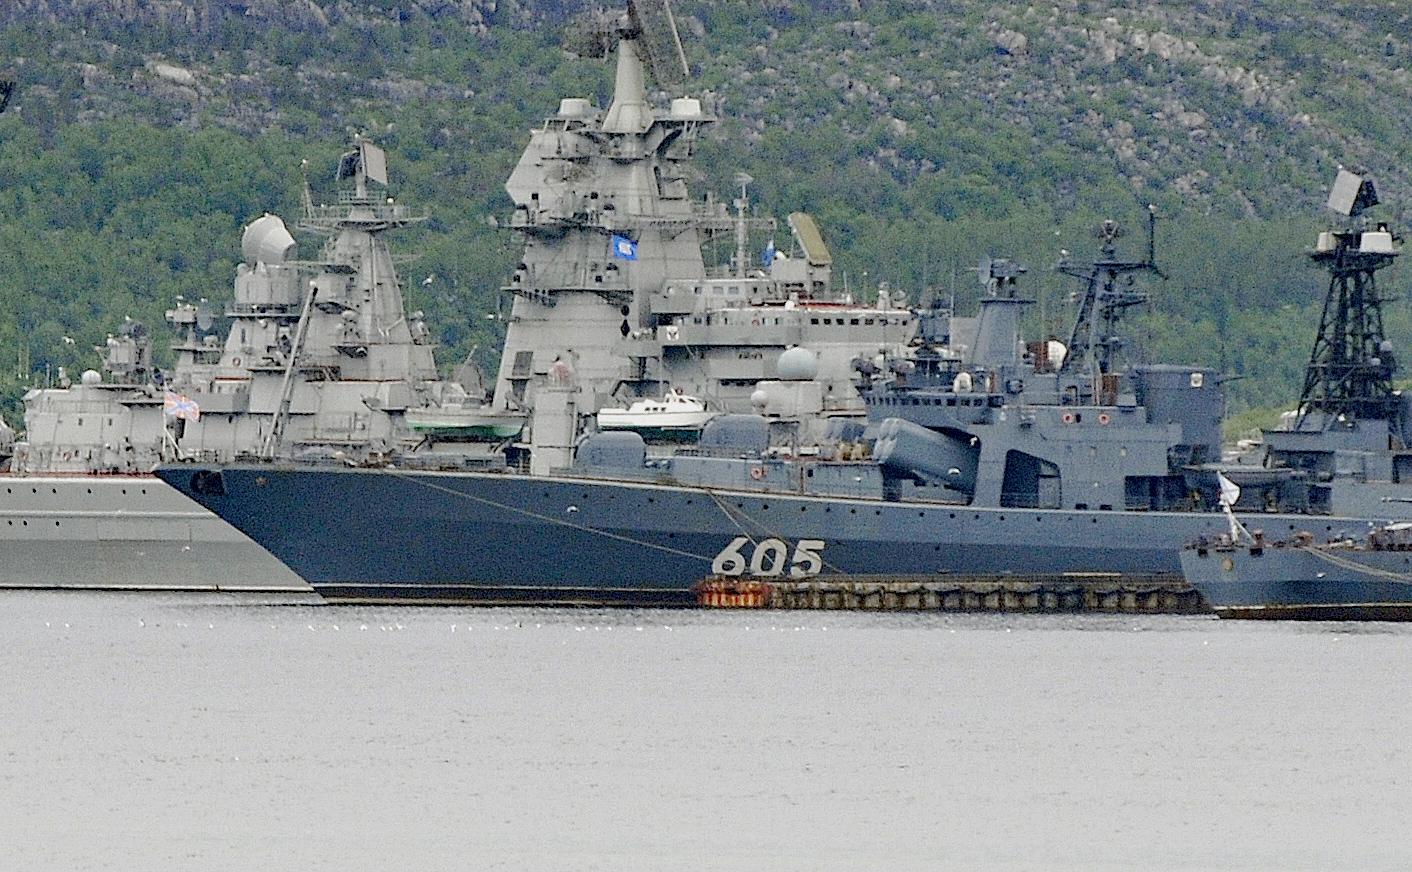 Сначала намечались учения НАТО,  затем - ракетные стрельбы ВМФ России.  Потом решили совместить